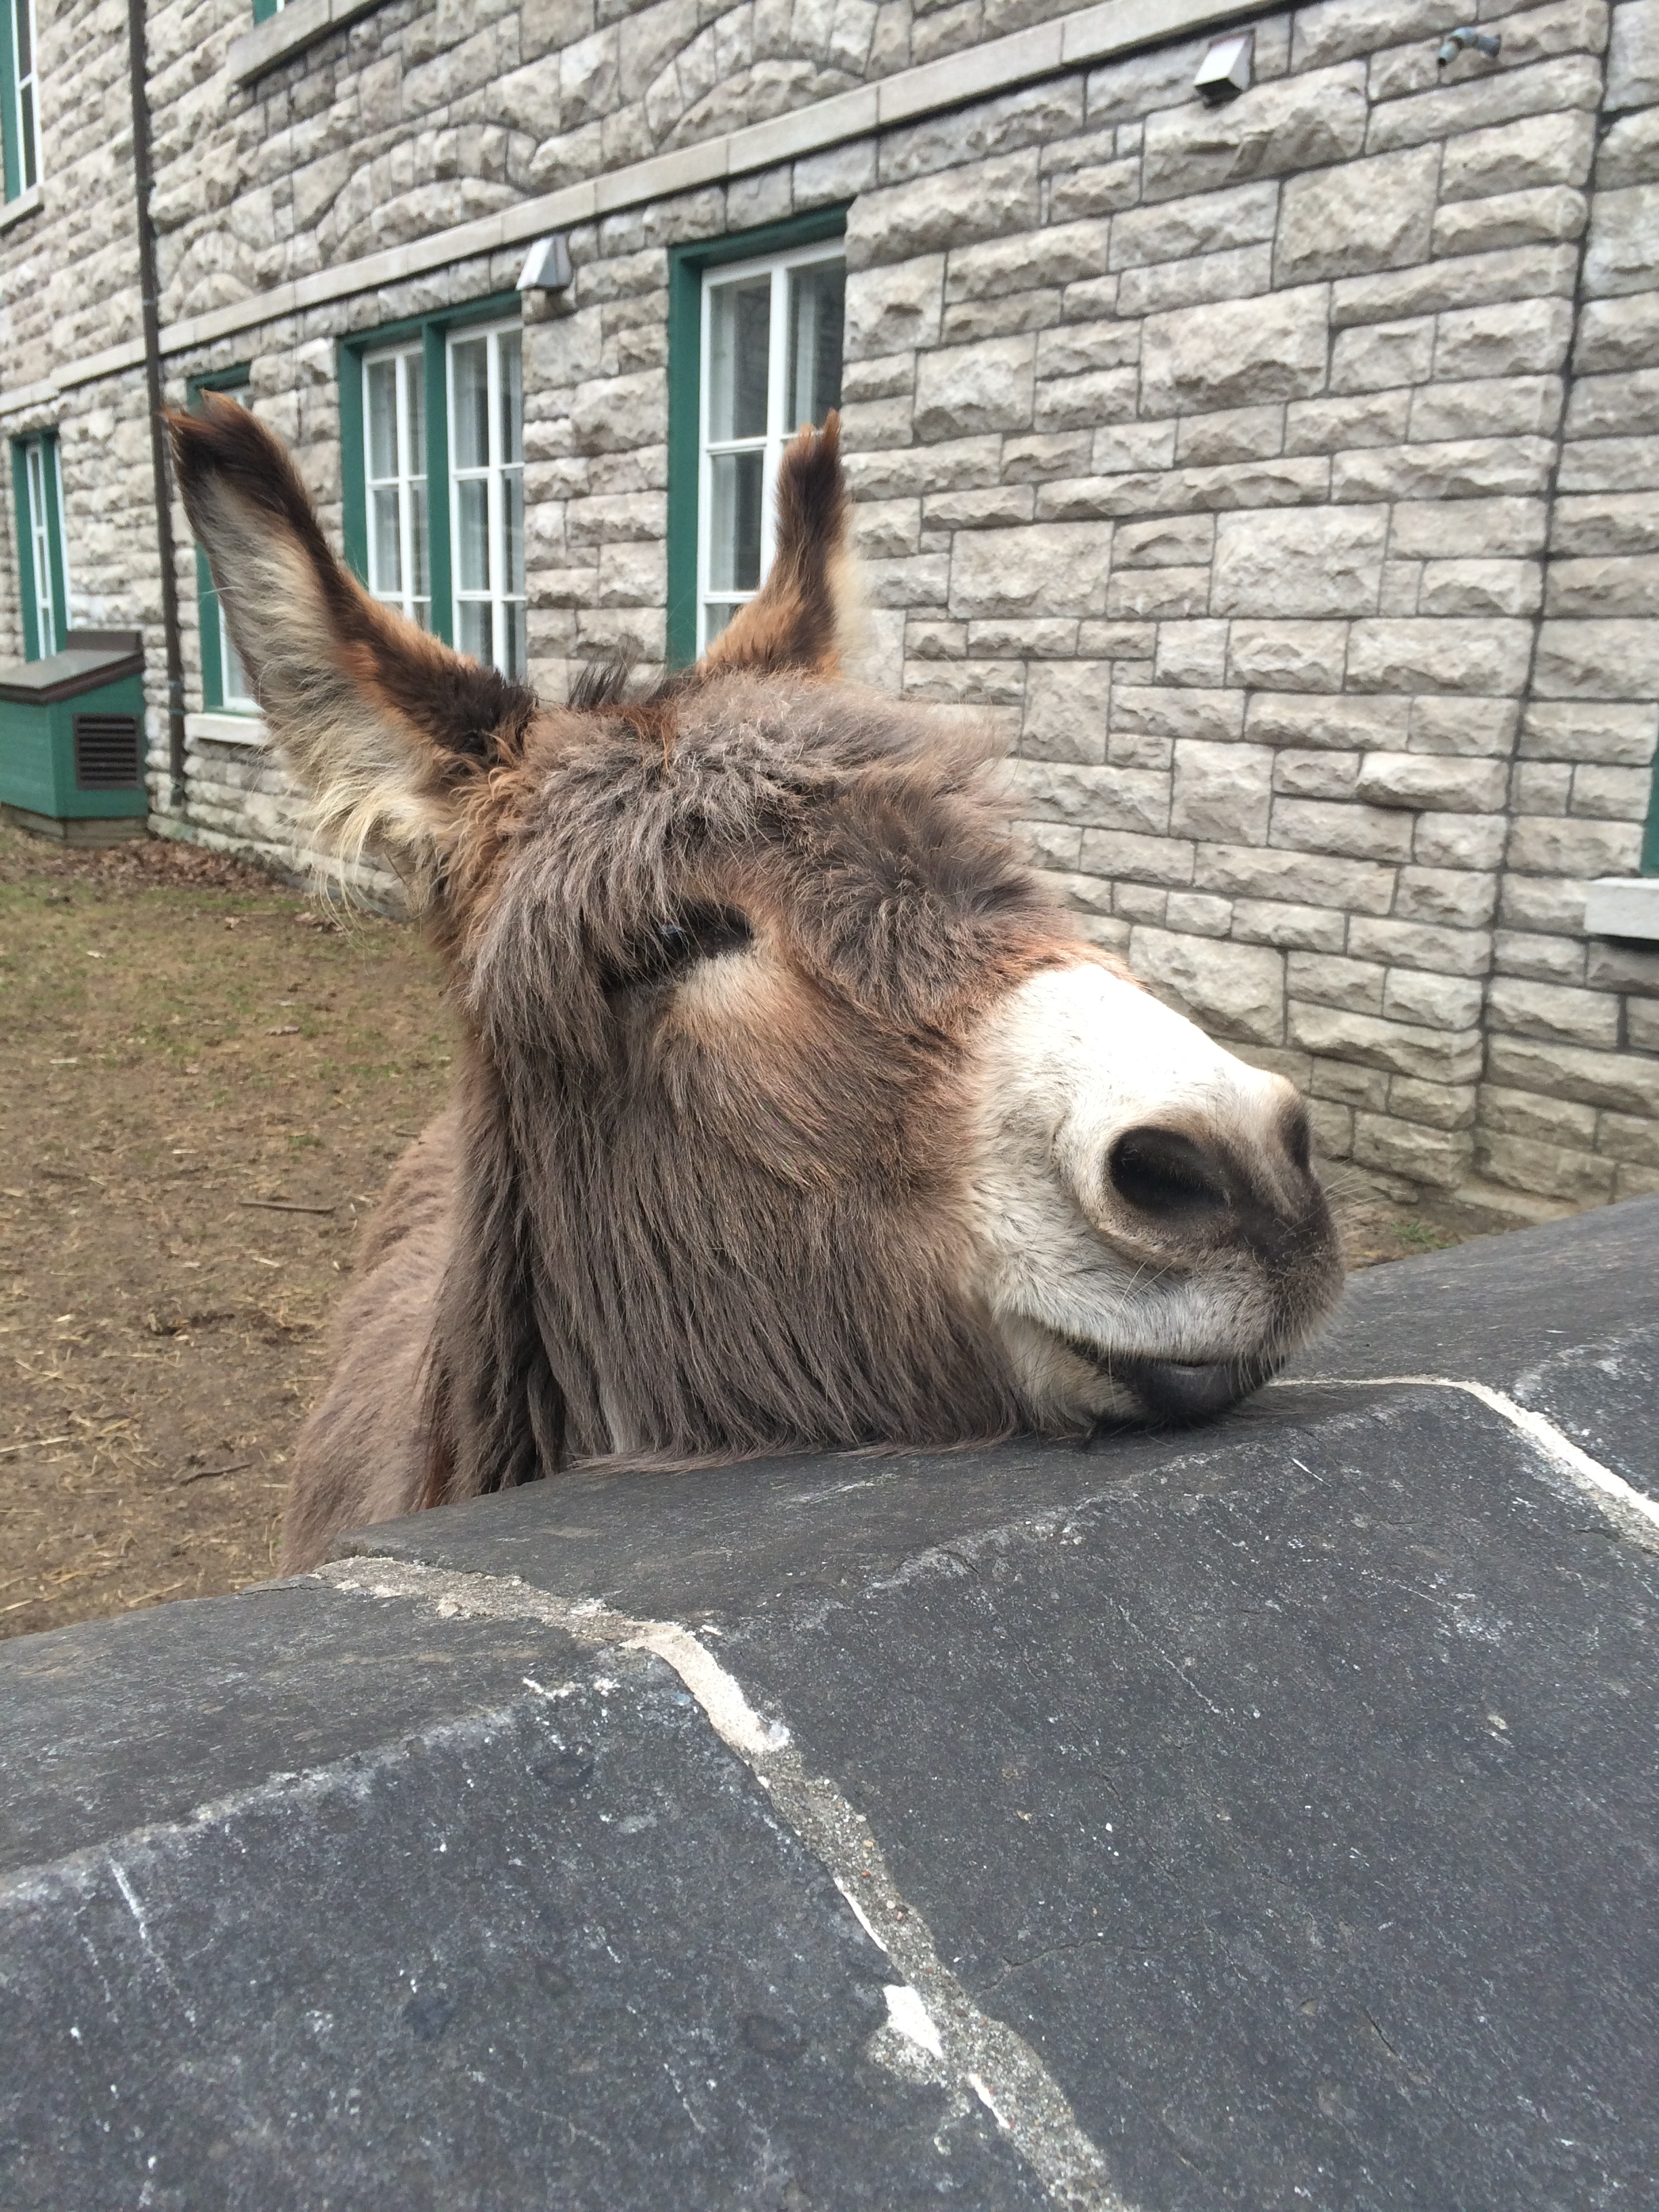 Aldo the donkey!